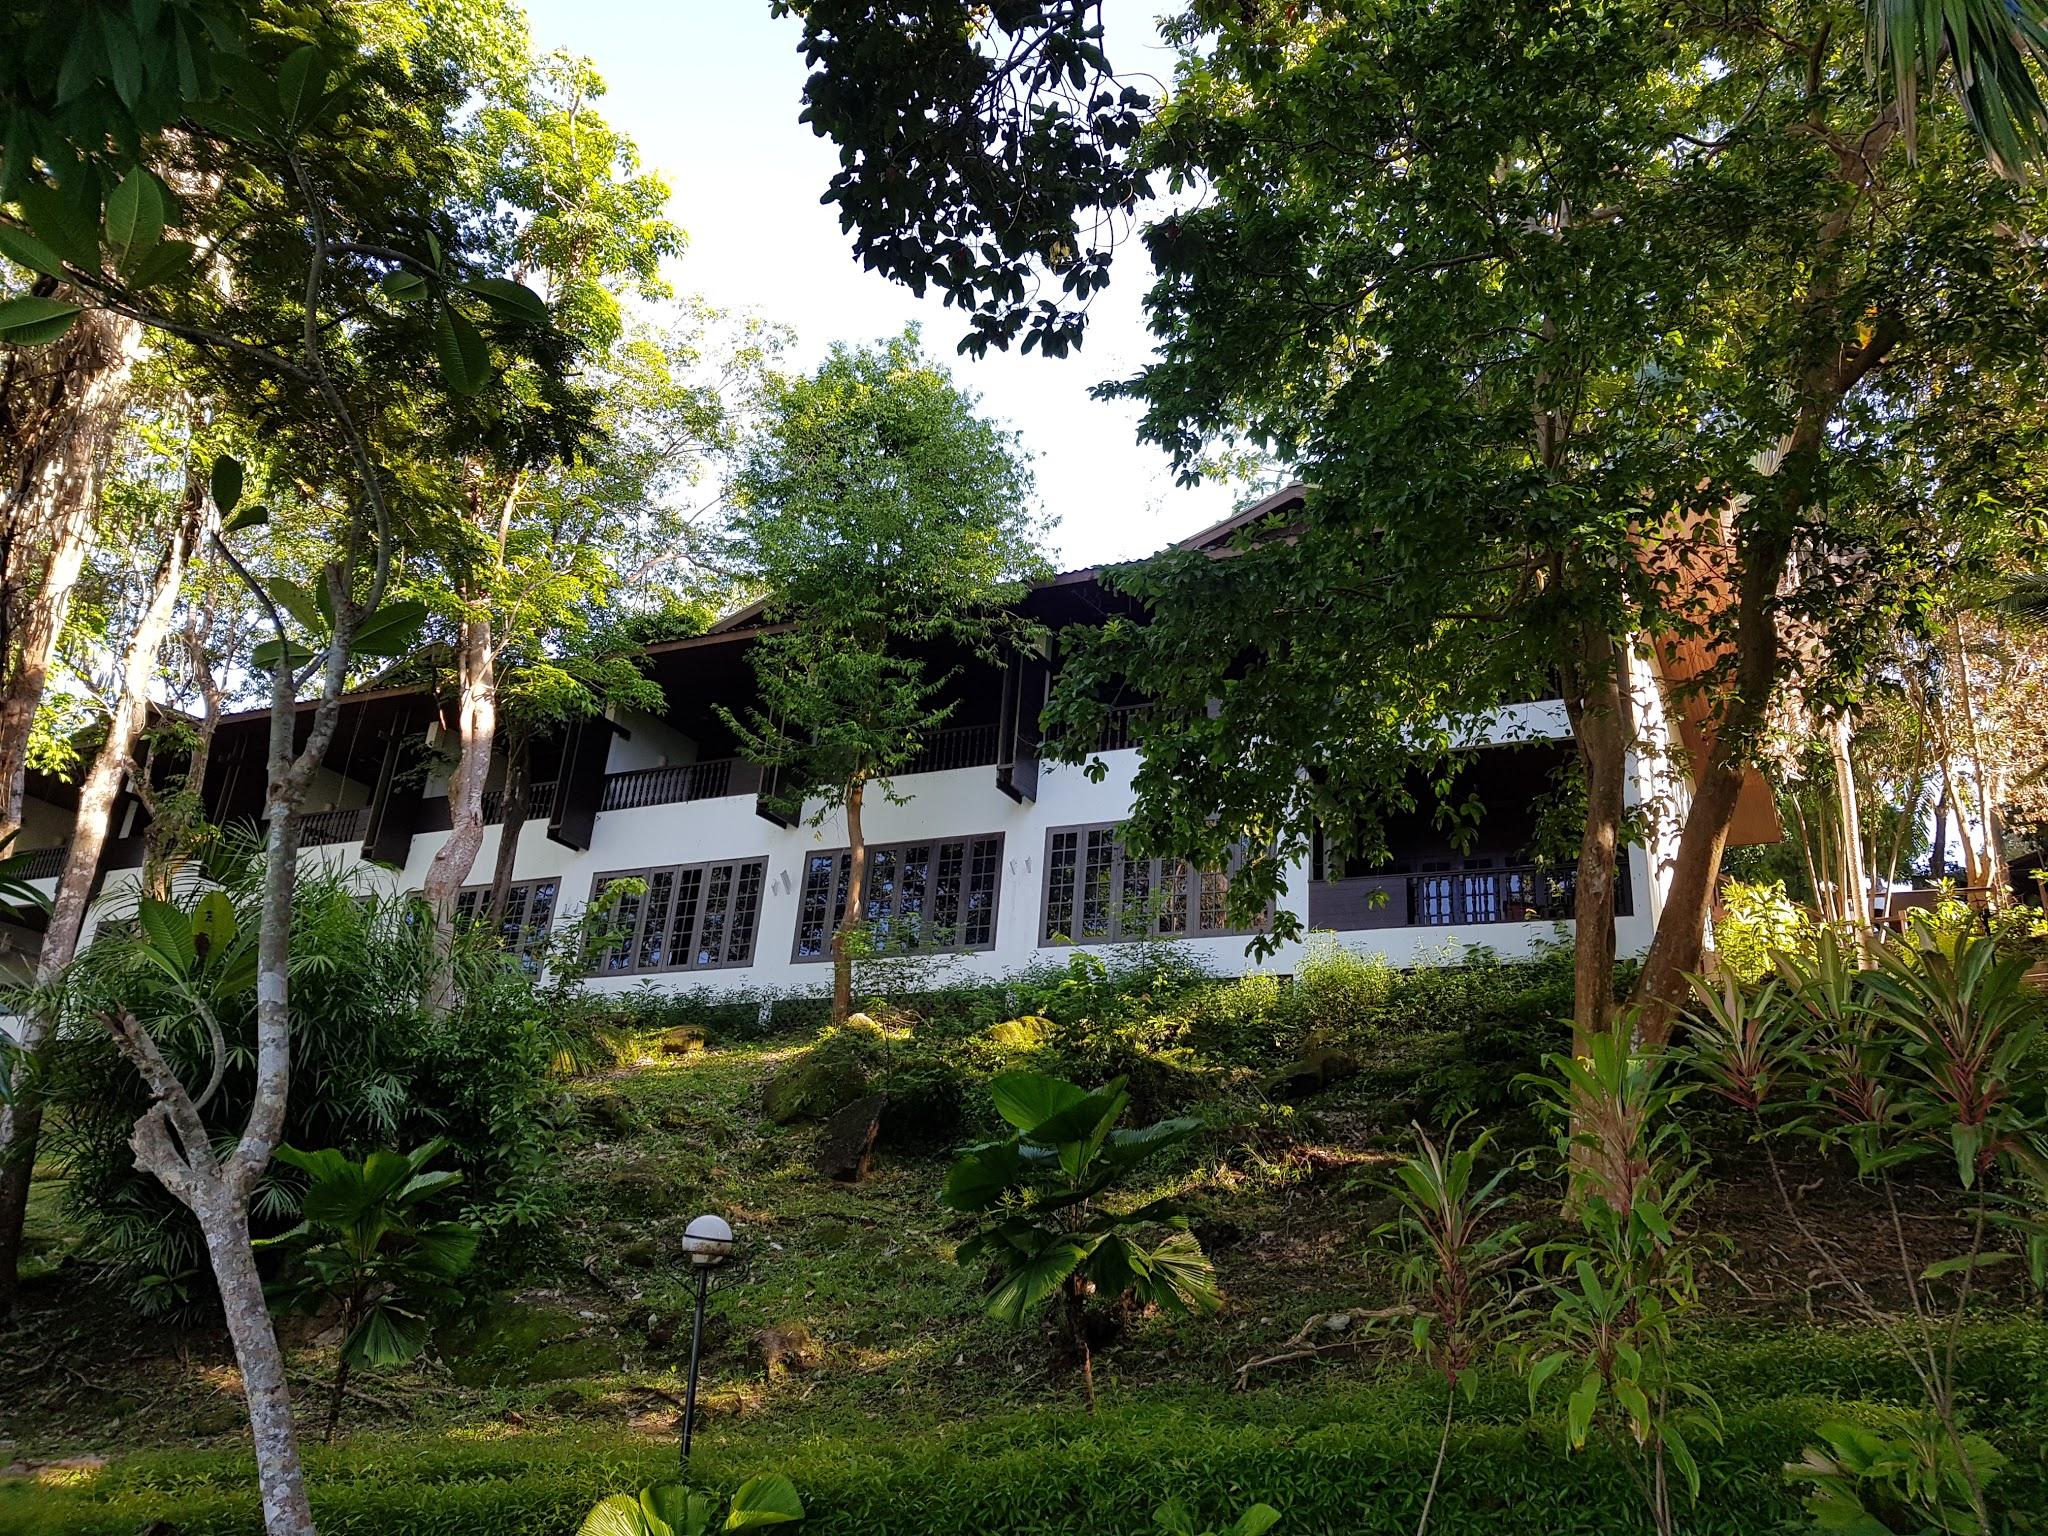 Sheraton Beach and Resorts Langkawi,Langkawi Hotel, hotel langkawi, century beach langkawi, ghost hotel langkawi, Langkawi must visit hotel,